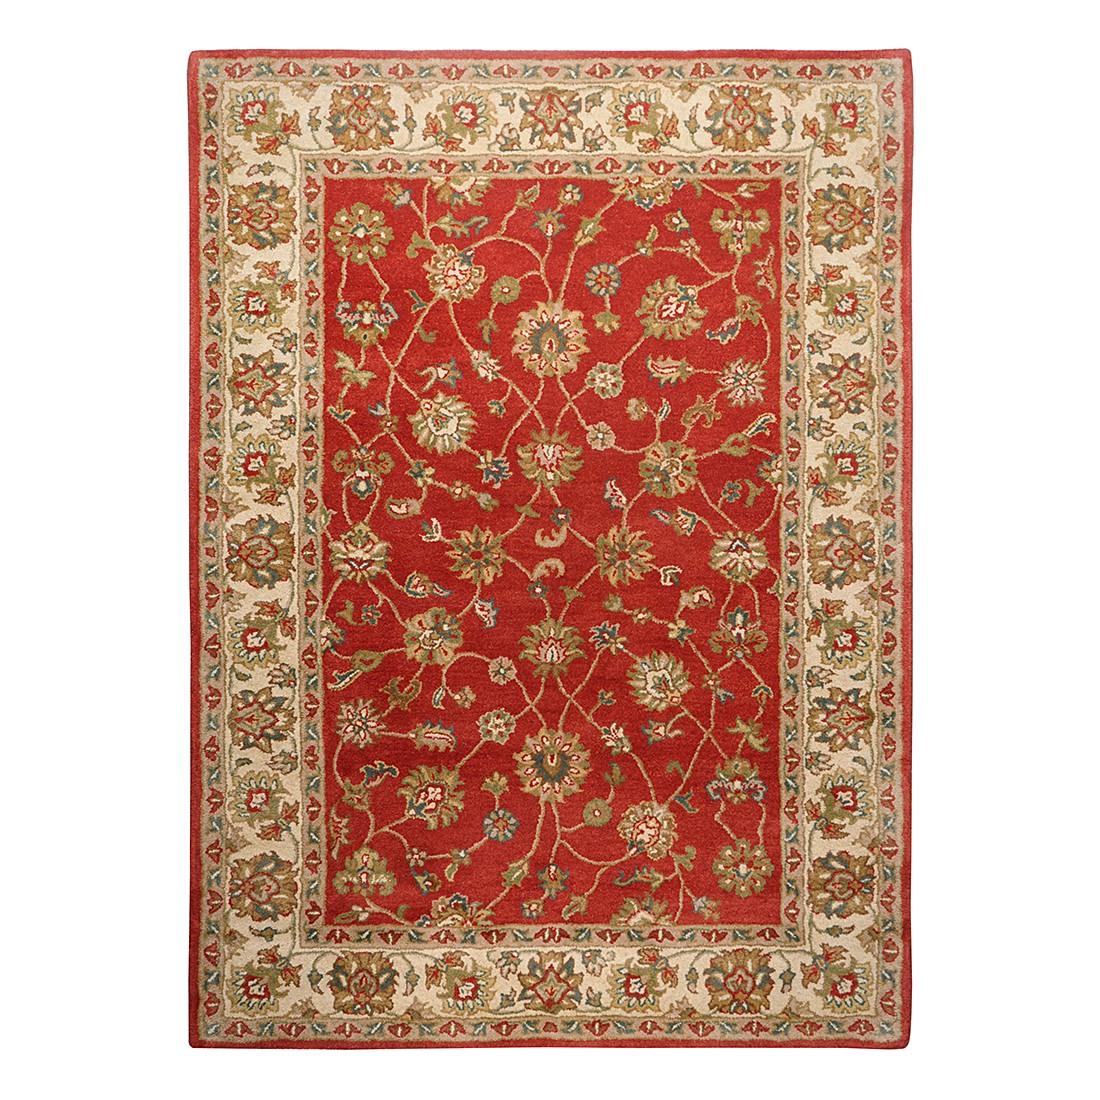 Teppich Royal Ziegler – Wolle/Terrakotta – 90 cm x 160 cm, THEKO die markenteppiche bestellen